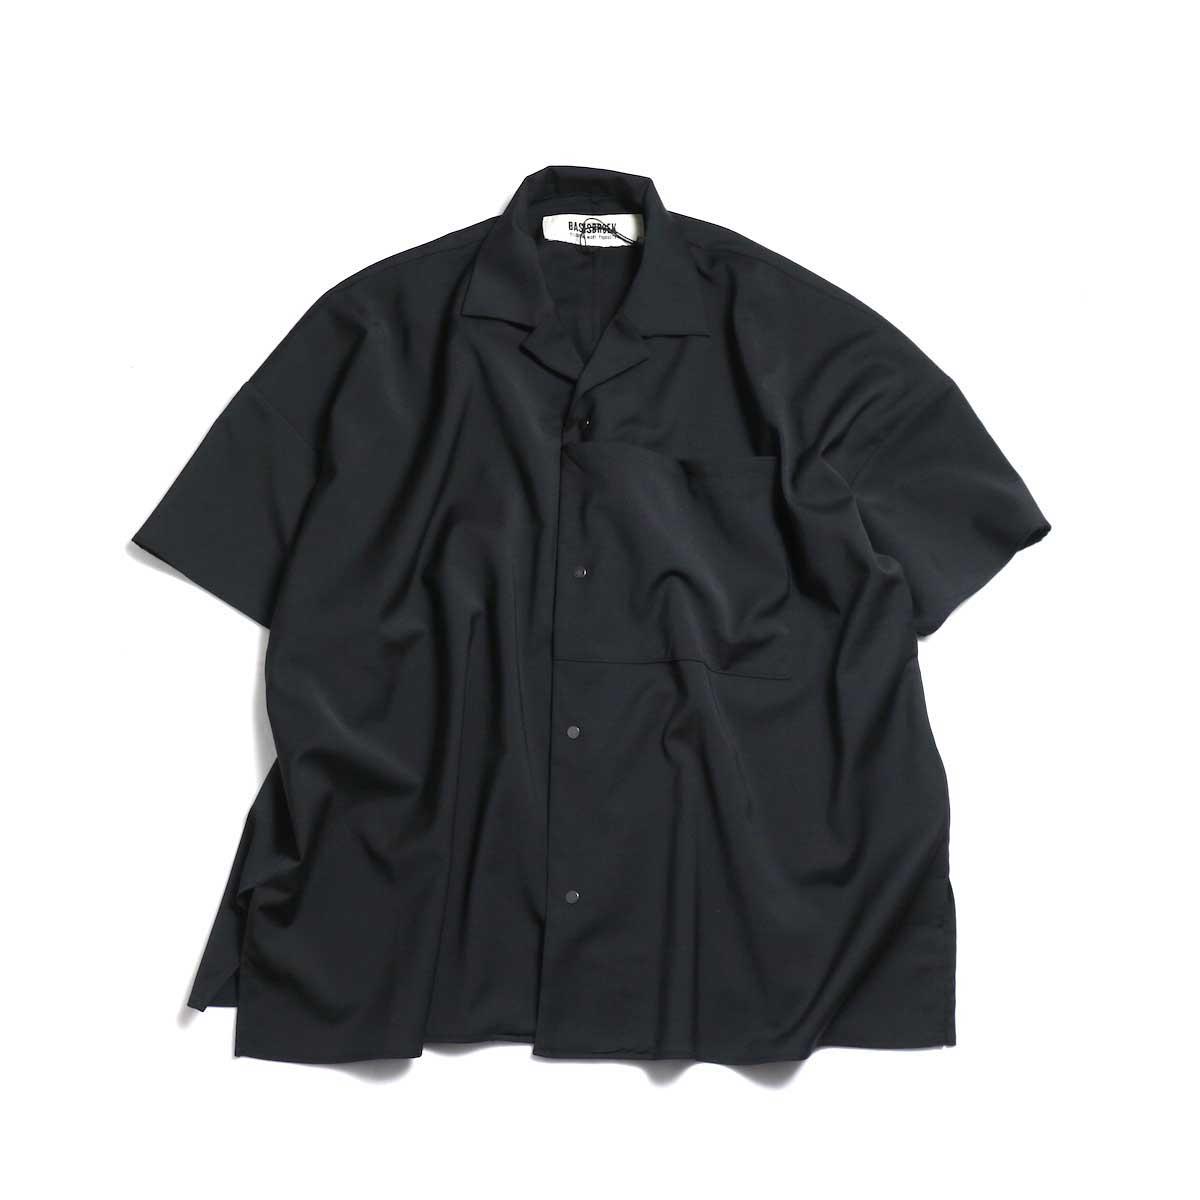 BASISBROEK / DEED -Oversize S/S Shirt (Black)